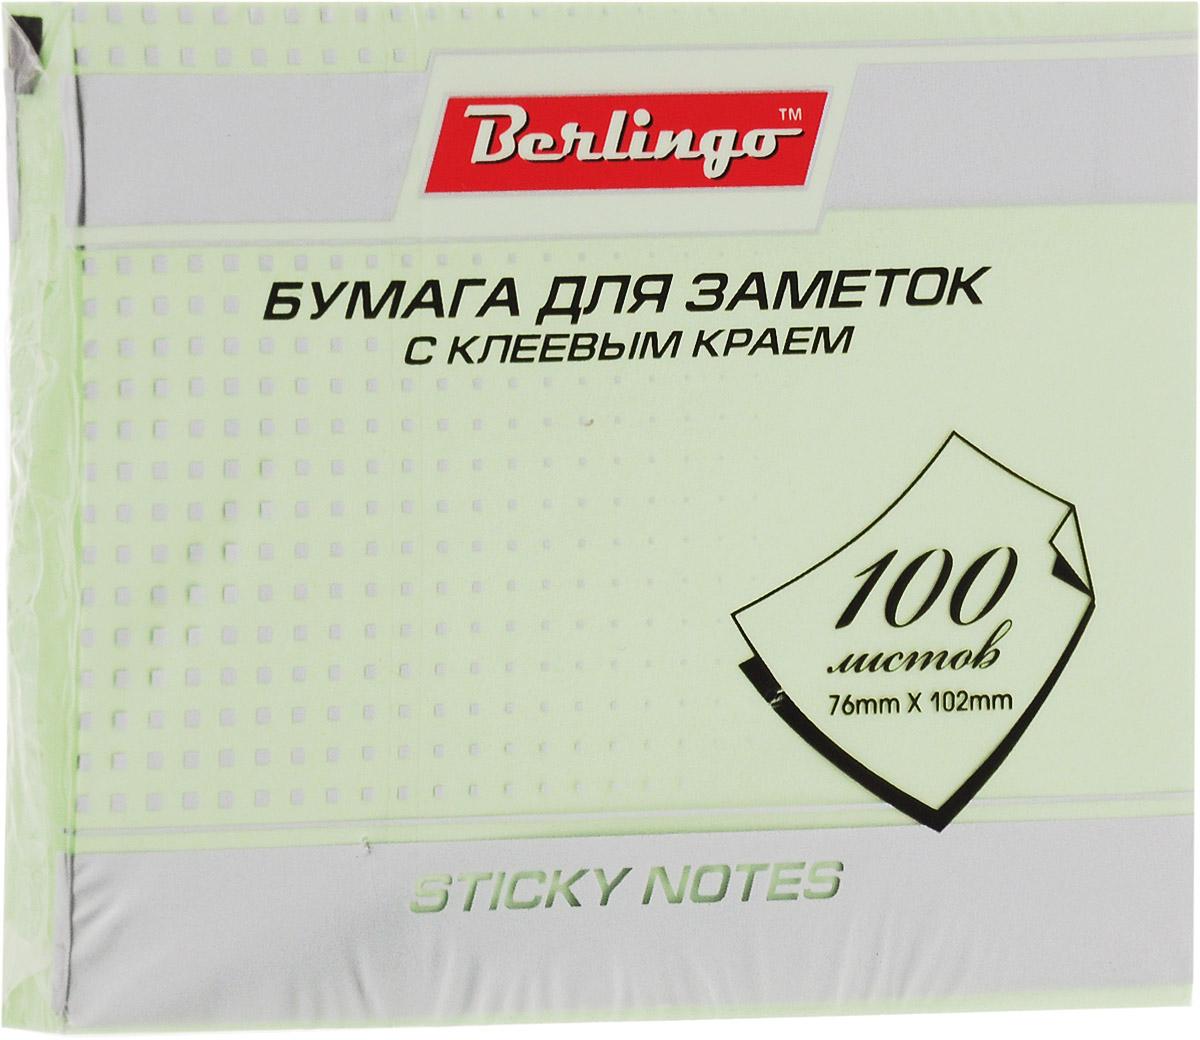 Berlingo Бумага для заметок 7,6 х 10,2 см 100 листовHN76102GСамоклеящаяся бумага для заметок Berlingo оснащена нежным зеленым цветом.Изготовлена бумага с использованием качественного клеевого состава и специальной основы, позволяющей клею полностью оставаться на отрываемом листке. Листки при отрывании не закручиваются, а качество письма остается одинаковым по всей площади листка.Такая бумага отлично подходит для крепления на любой поверхности. Легко отклеивается, не оставляя следов.